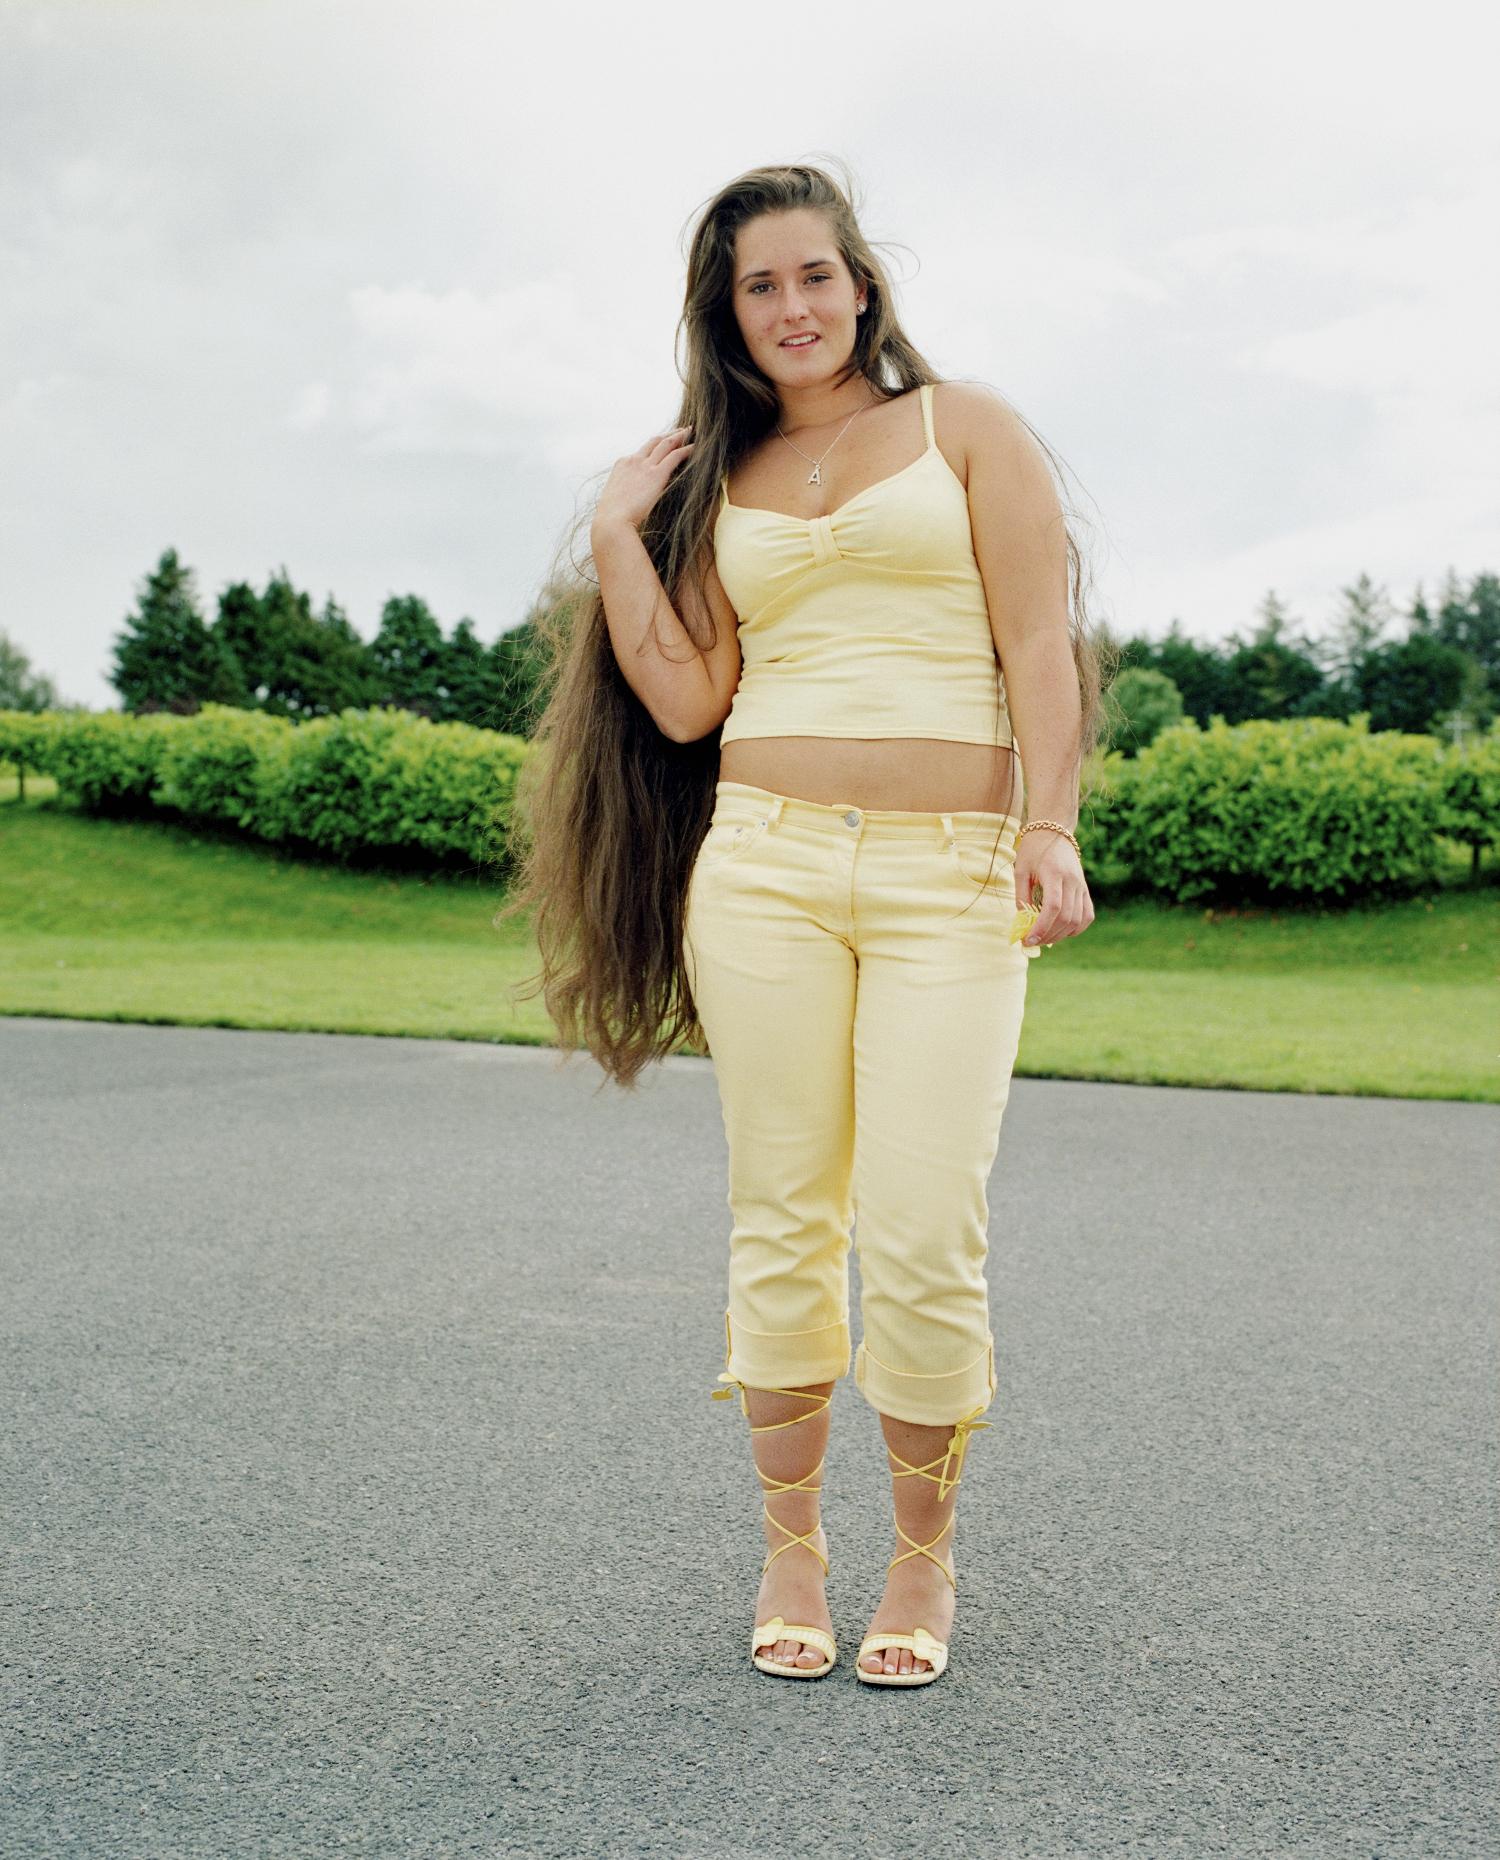 Long hair girl 1.jpg